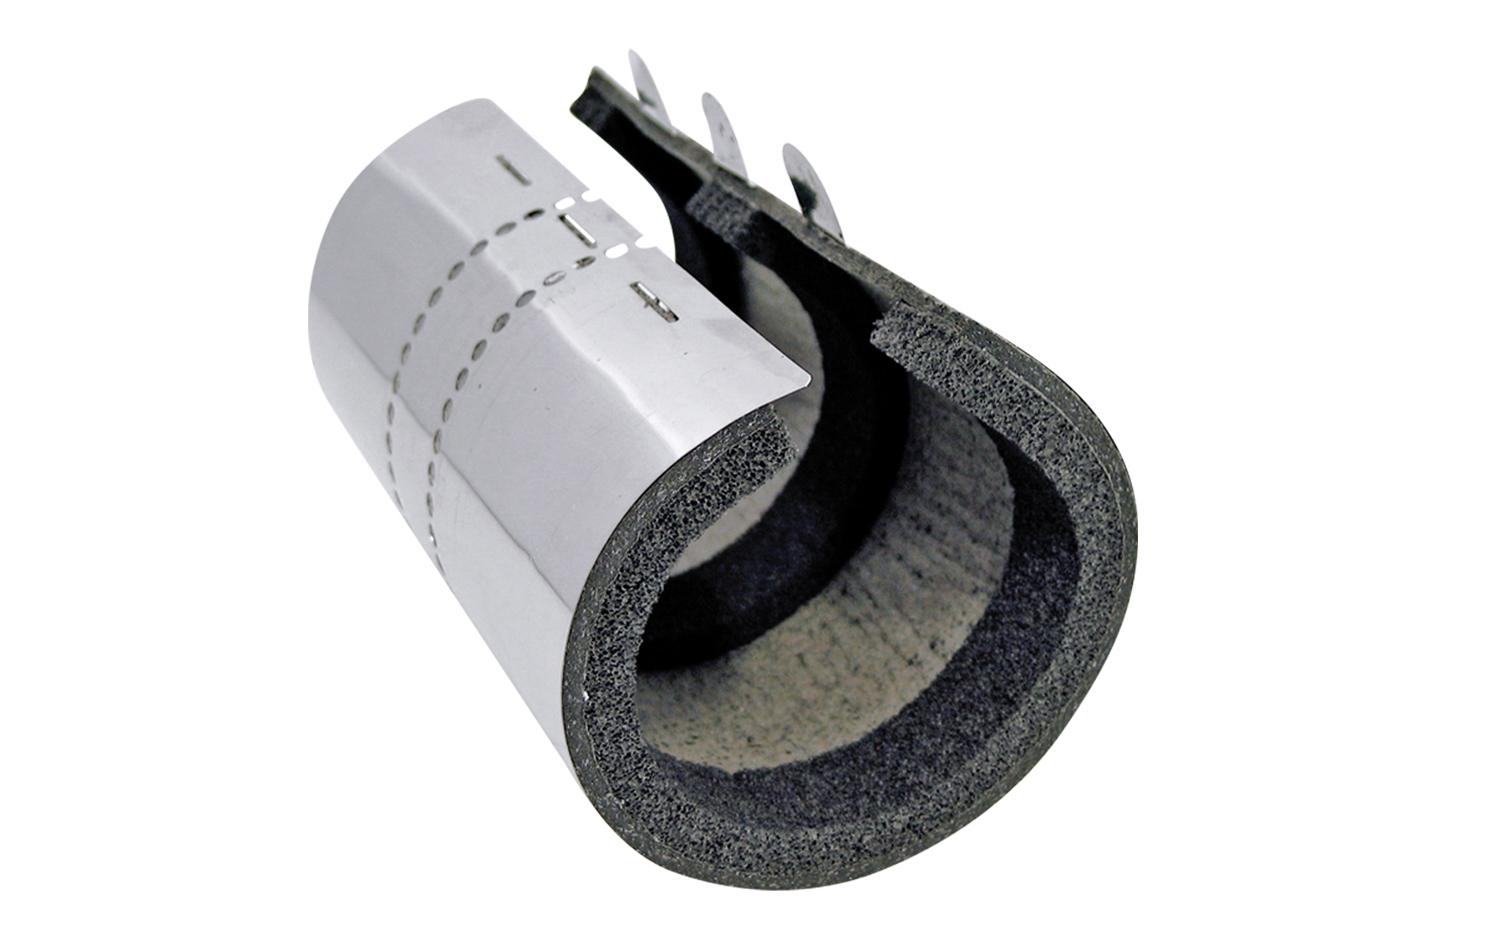 вариант применения гильзы для прохода труб в ремонте стен